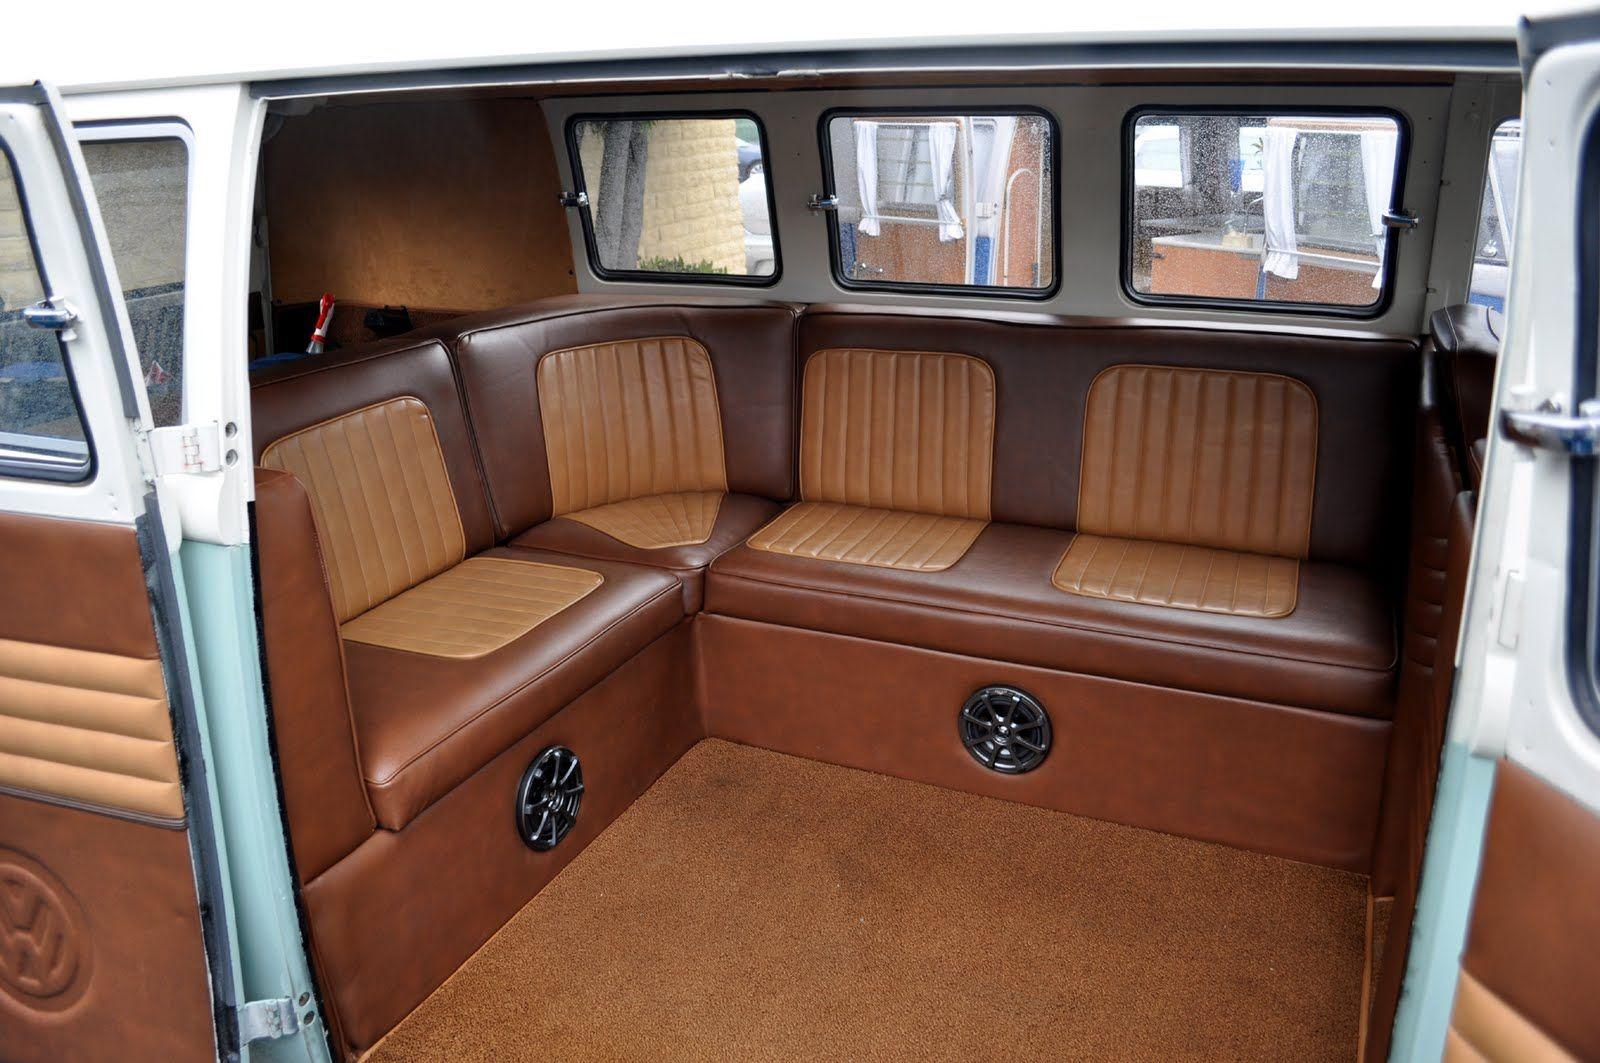 Volkswagen bus interior design yahoo image search for Vw camper van interior designs